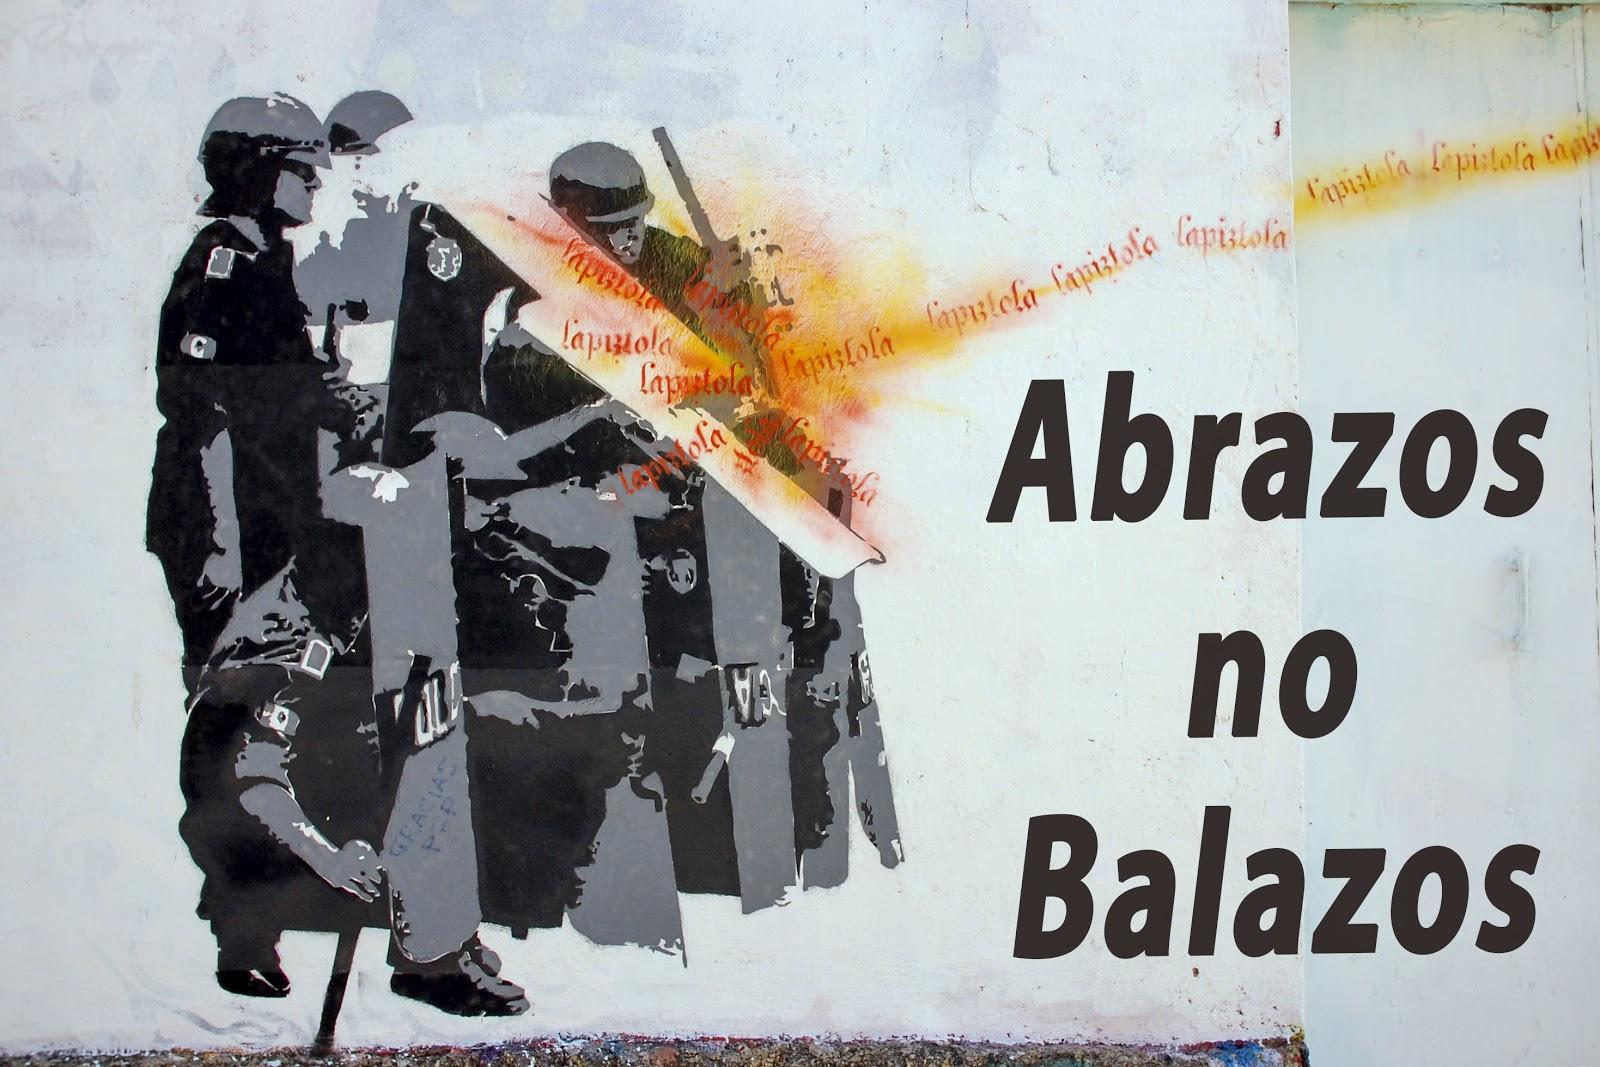 Graffiti, hugs not bullets